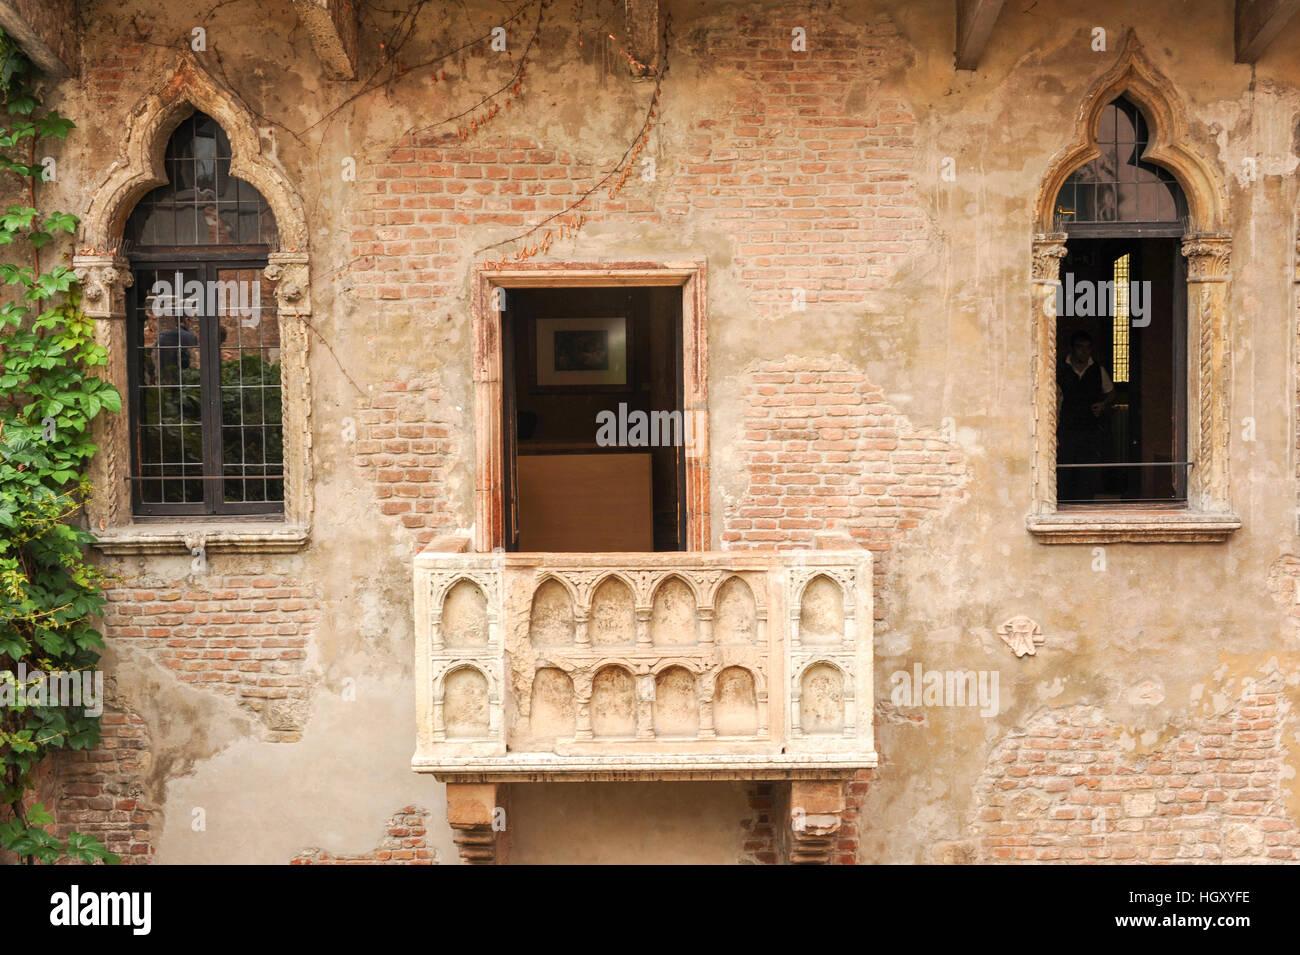 Romeo Und Julia Balkon In Verona Italien Stockfoto Bild 130899426